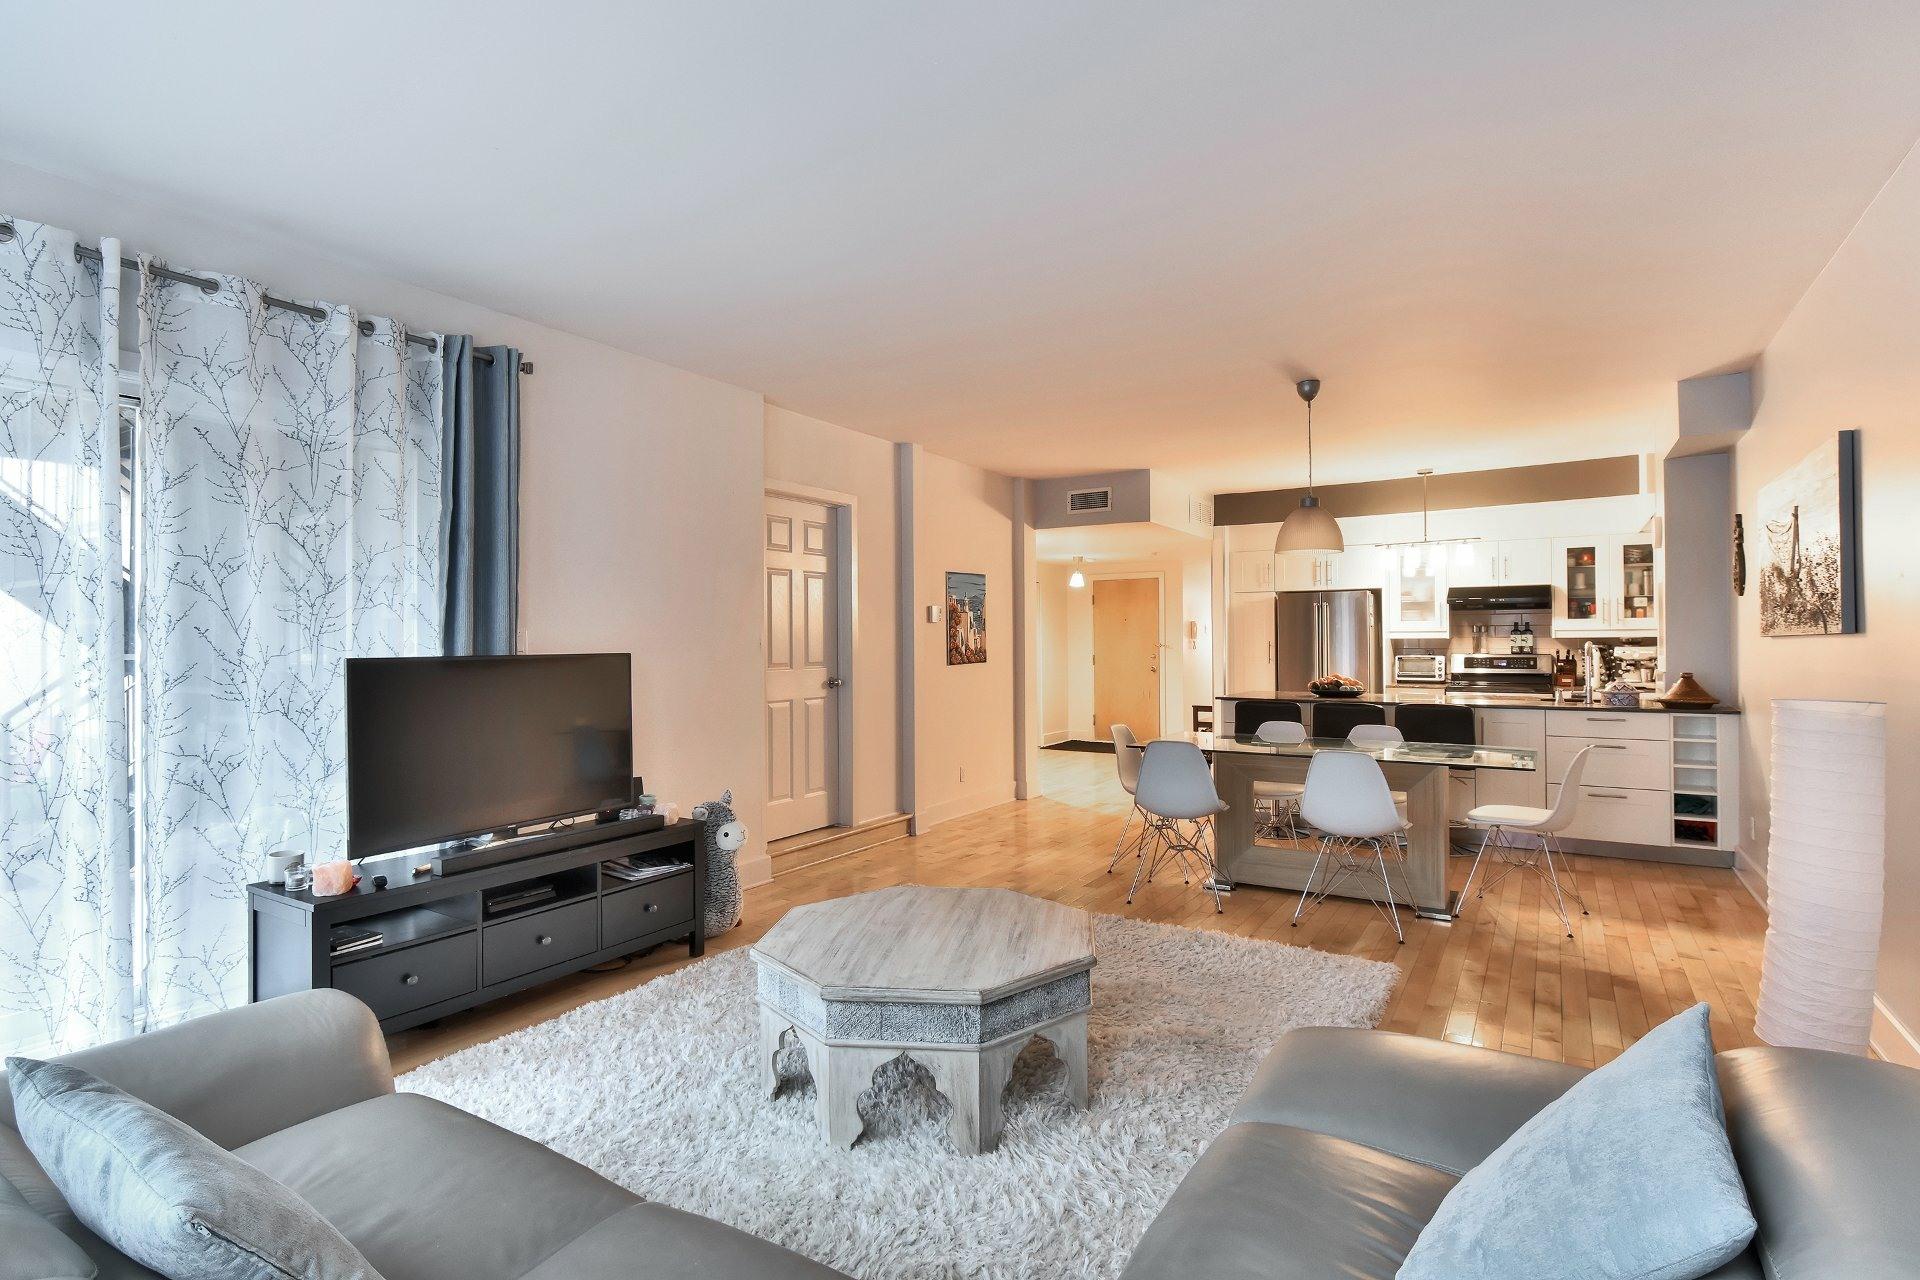 image 2 - Appartement À vendre Ville-Marie Montréal  - 9 pièces